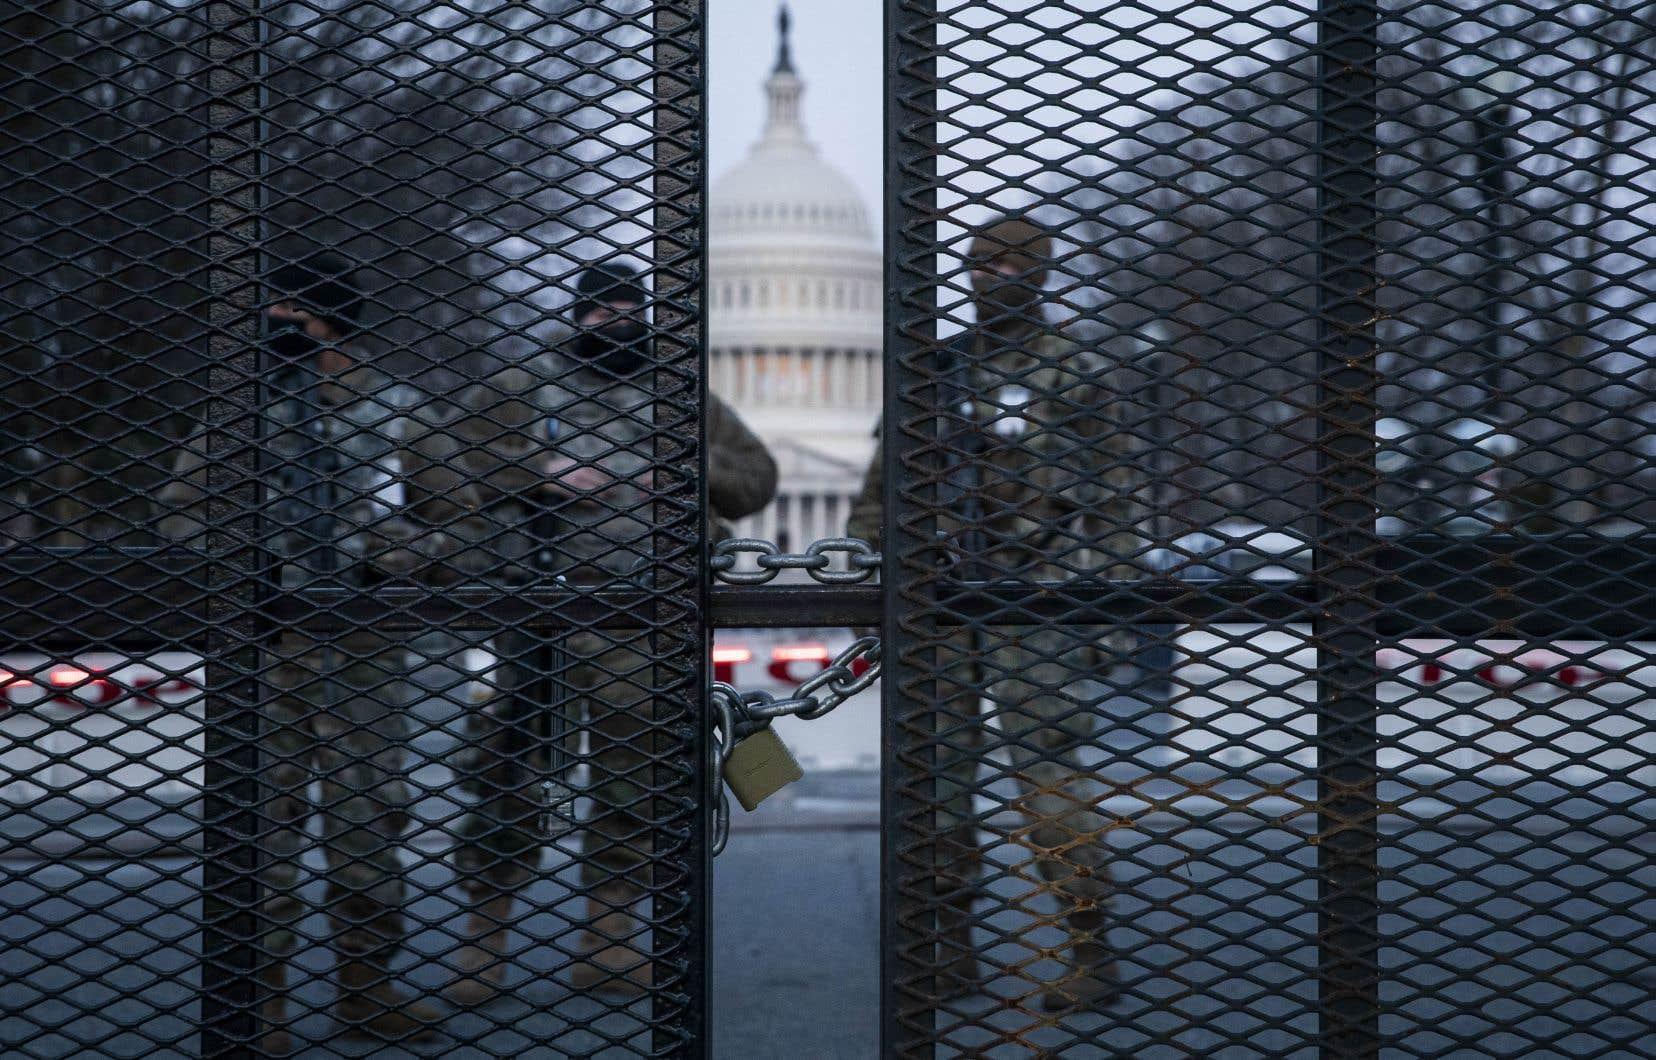 Des membres de la Garde nationale patrouillaient autour du Capitole, protégé depuis le 6 janvier par de hautes barrières surmontées de barbelés par endroits.